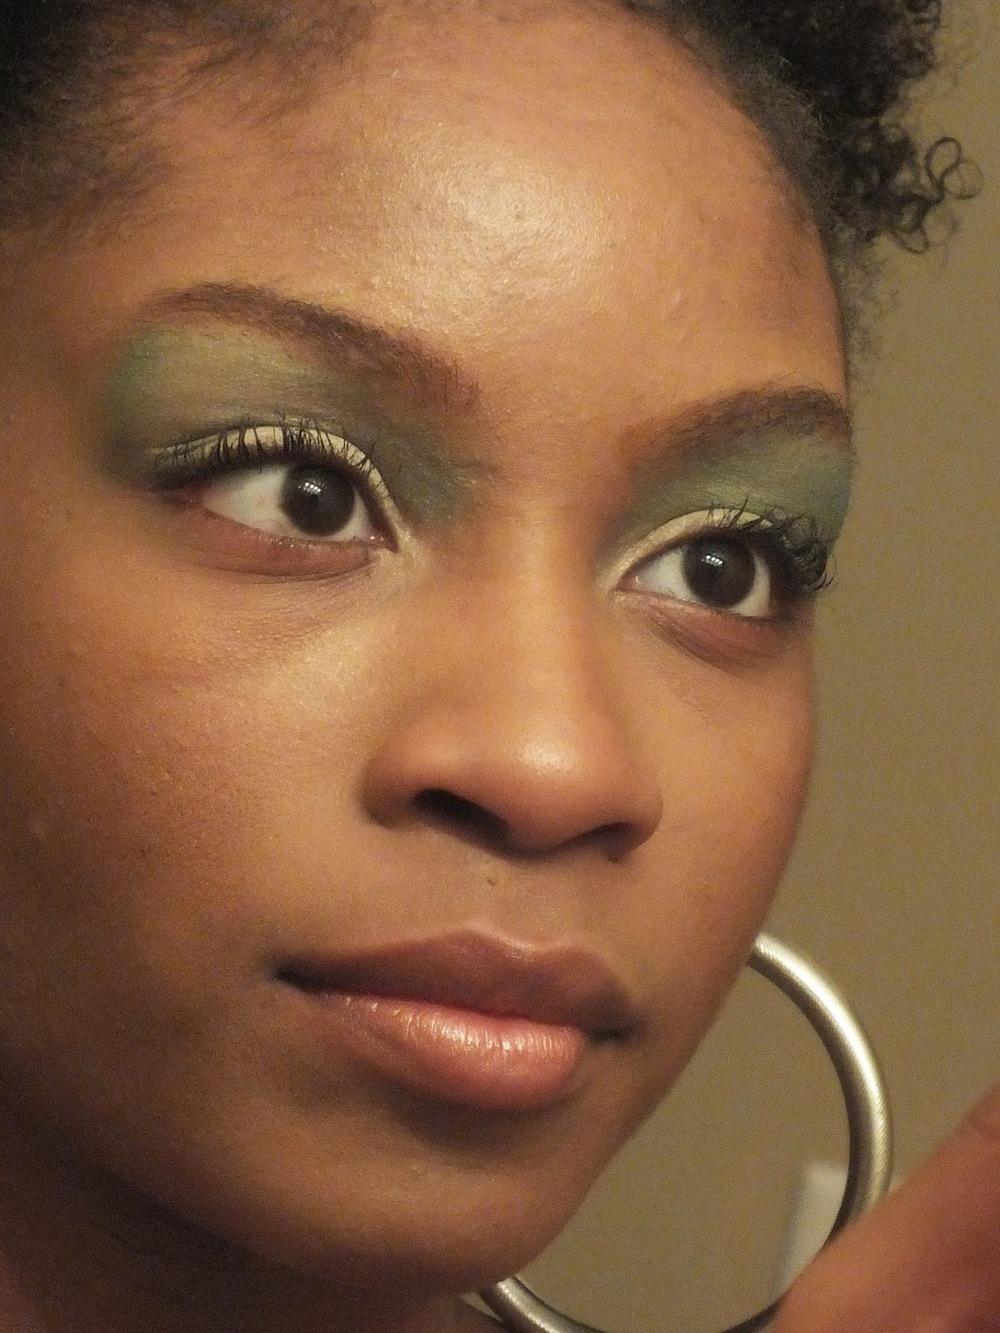 can+makeup+artist+make+good+money.JPG